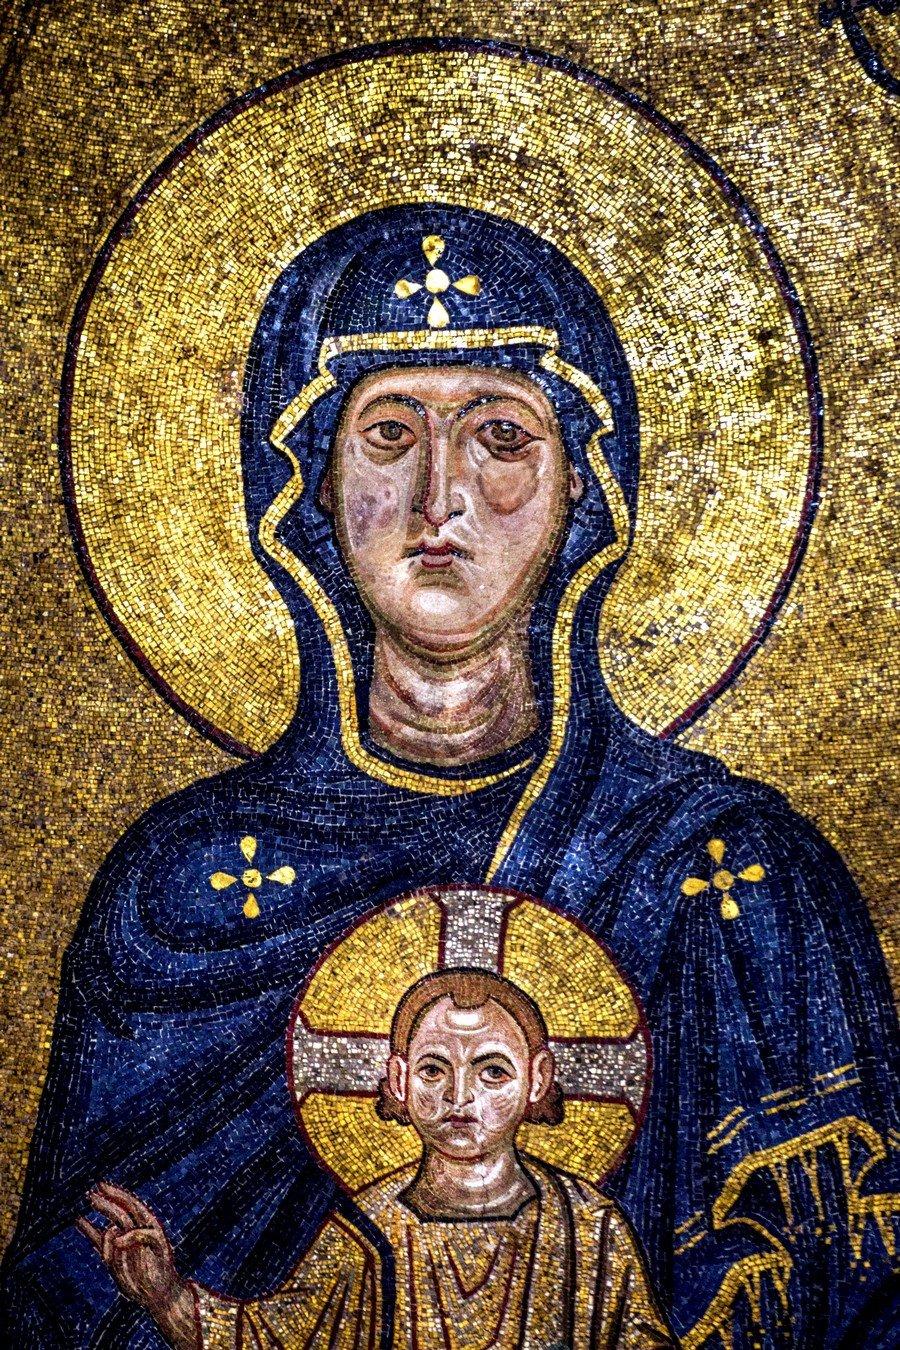 Богоматерь Никопея с предстоящими Архангелами Михаилом и Гавриилом. Мозаика собора Рождества Пресвятой Богородицы в монастыре Гелати, Грузия. Около 1130 года. Фрагмент.